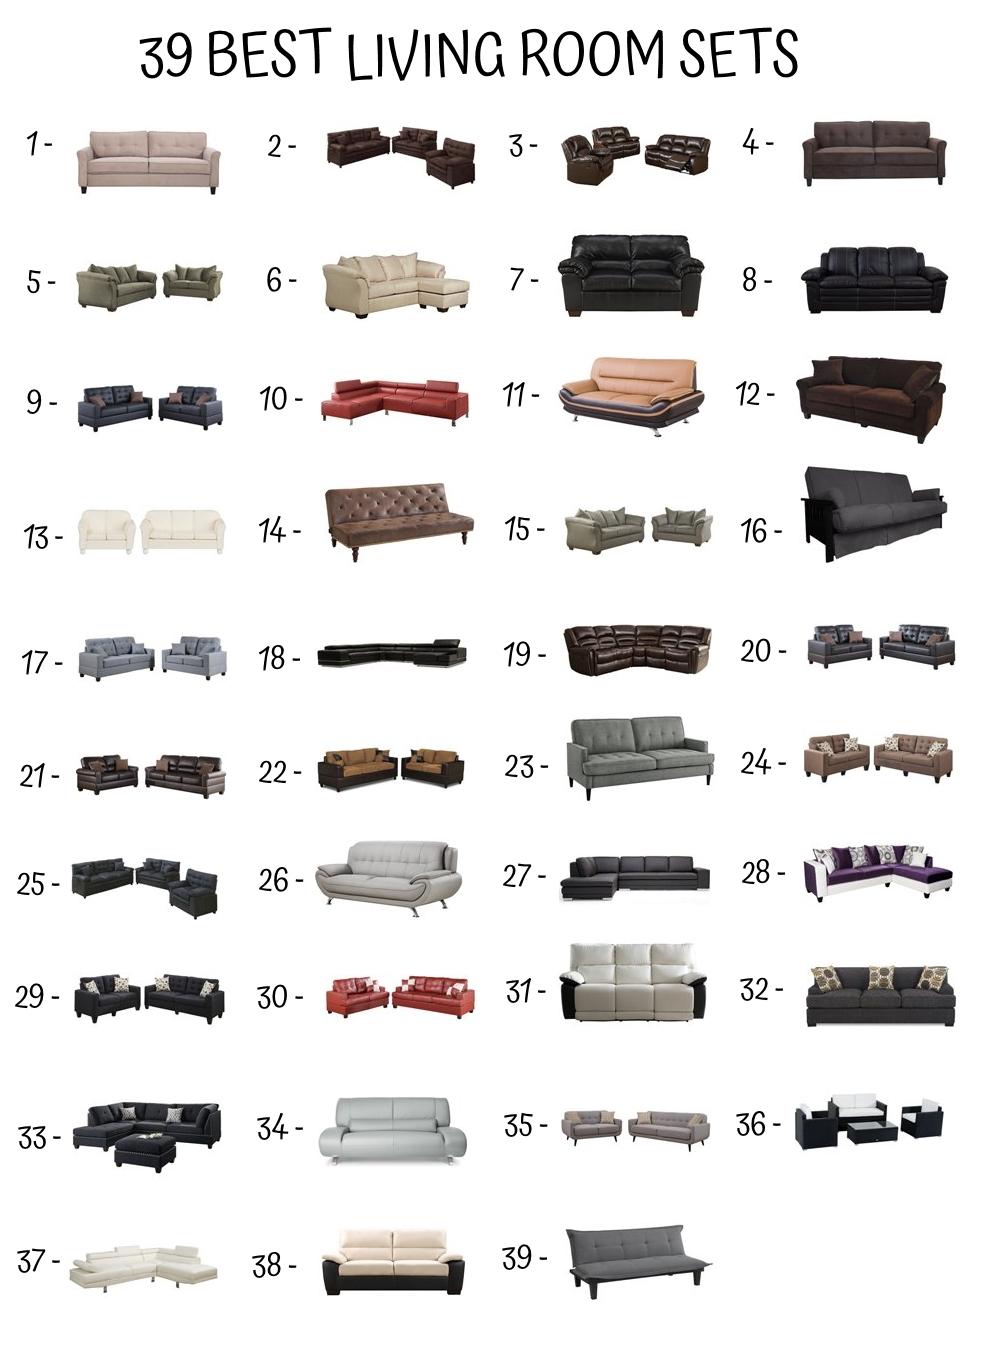 39 Best Living Room Sets